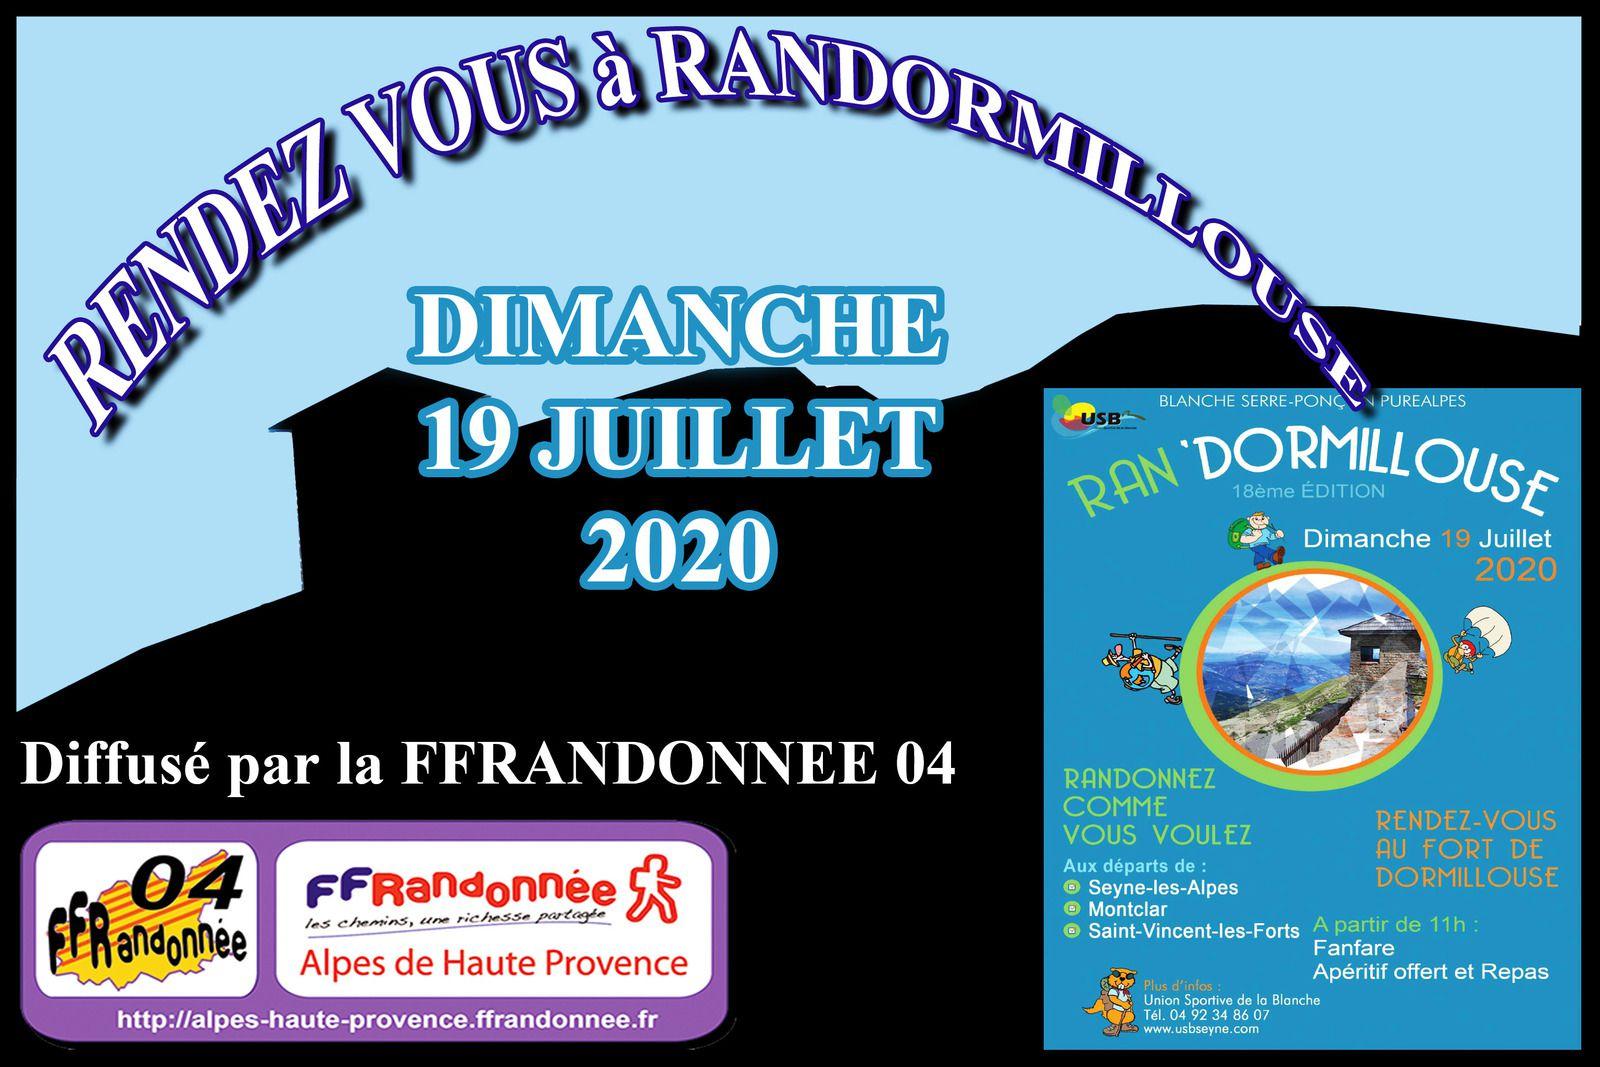 Pour AGRANDIR les PHOTOS, CLIQUER DESSUS  --  ffrando04.associations@gmail.com (c)